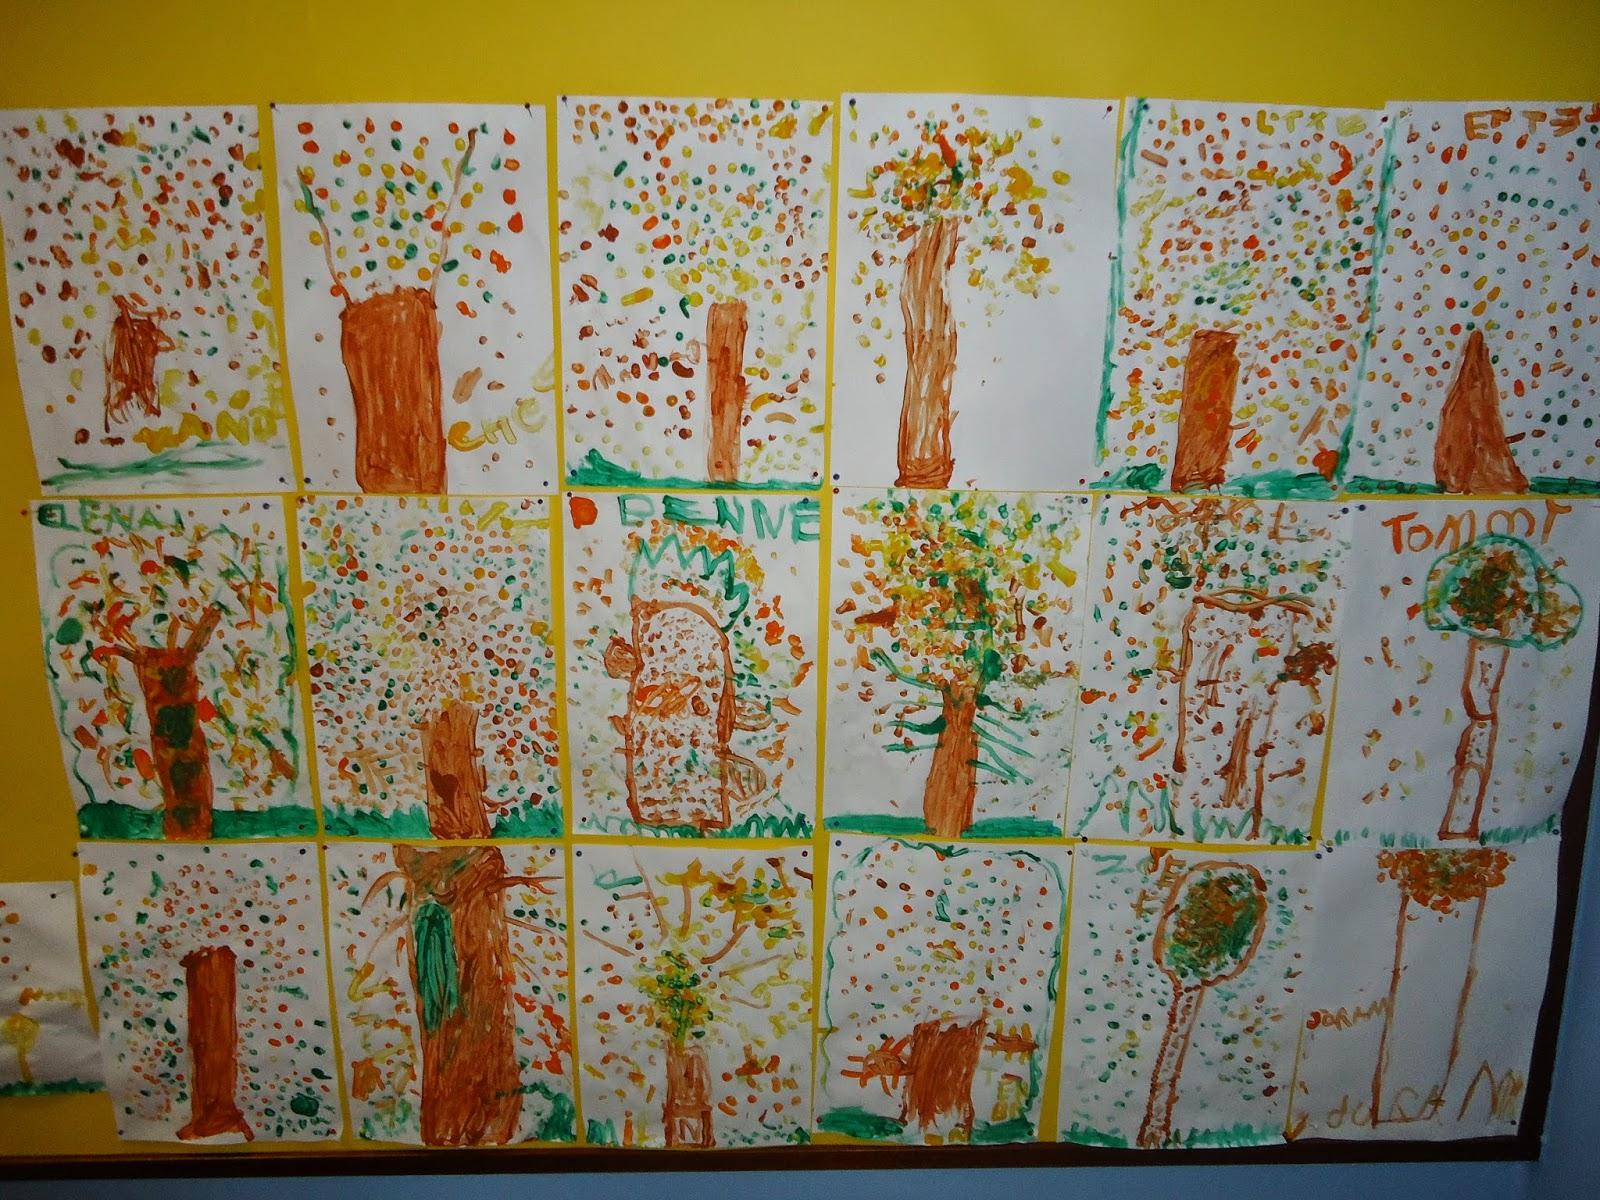 Muzofolio knutselen in de herfst - Kamer schilderij ideeen ...